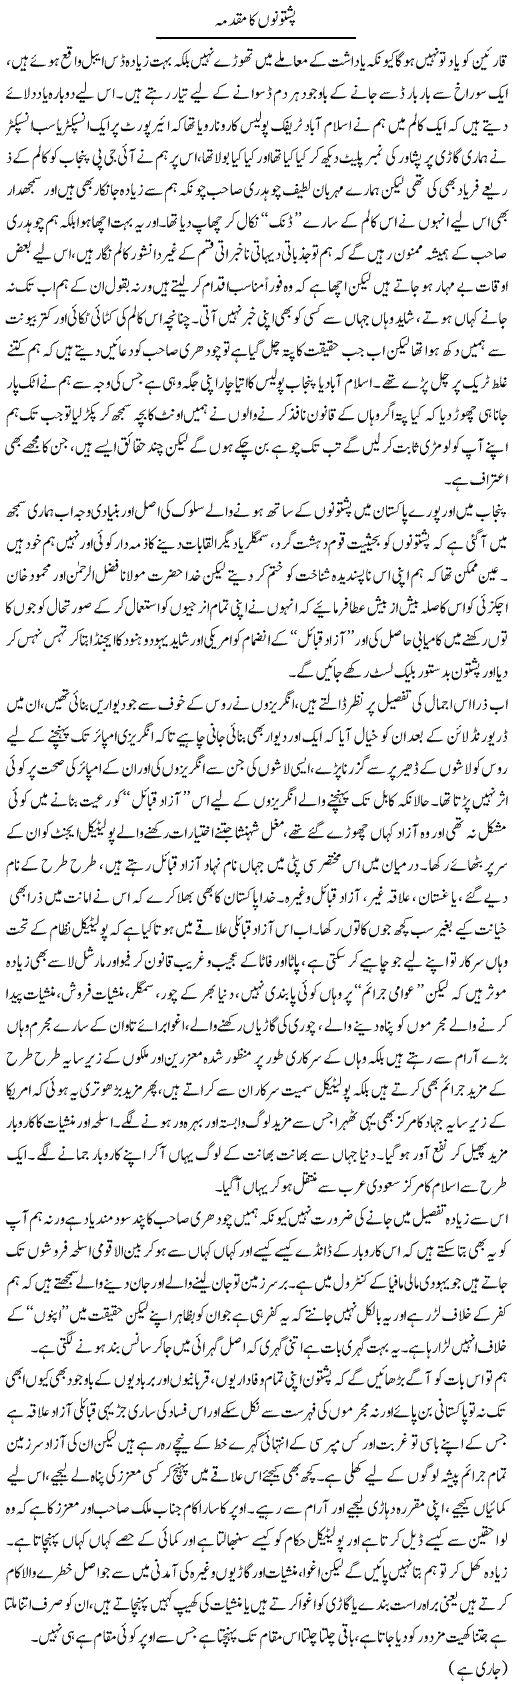 Scientific Method Meaning In Urdu